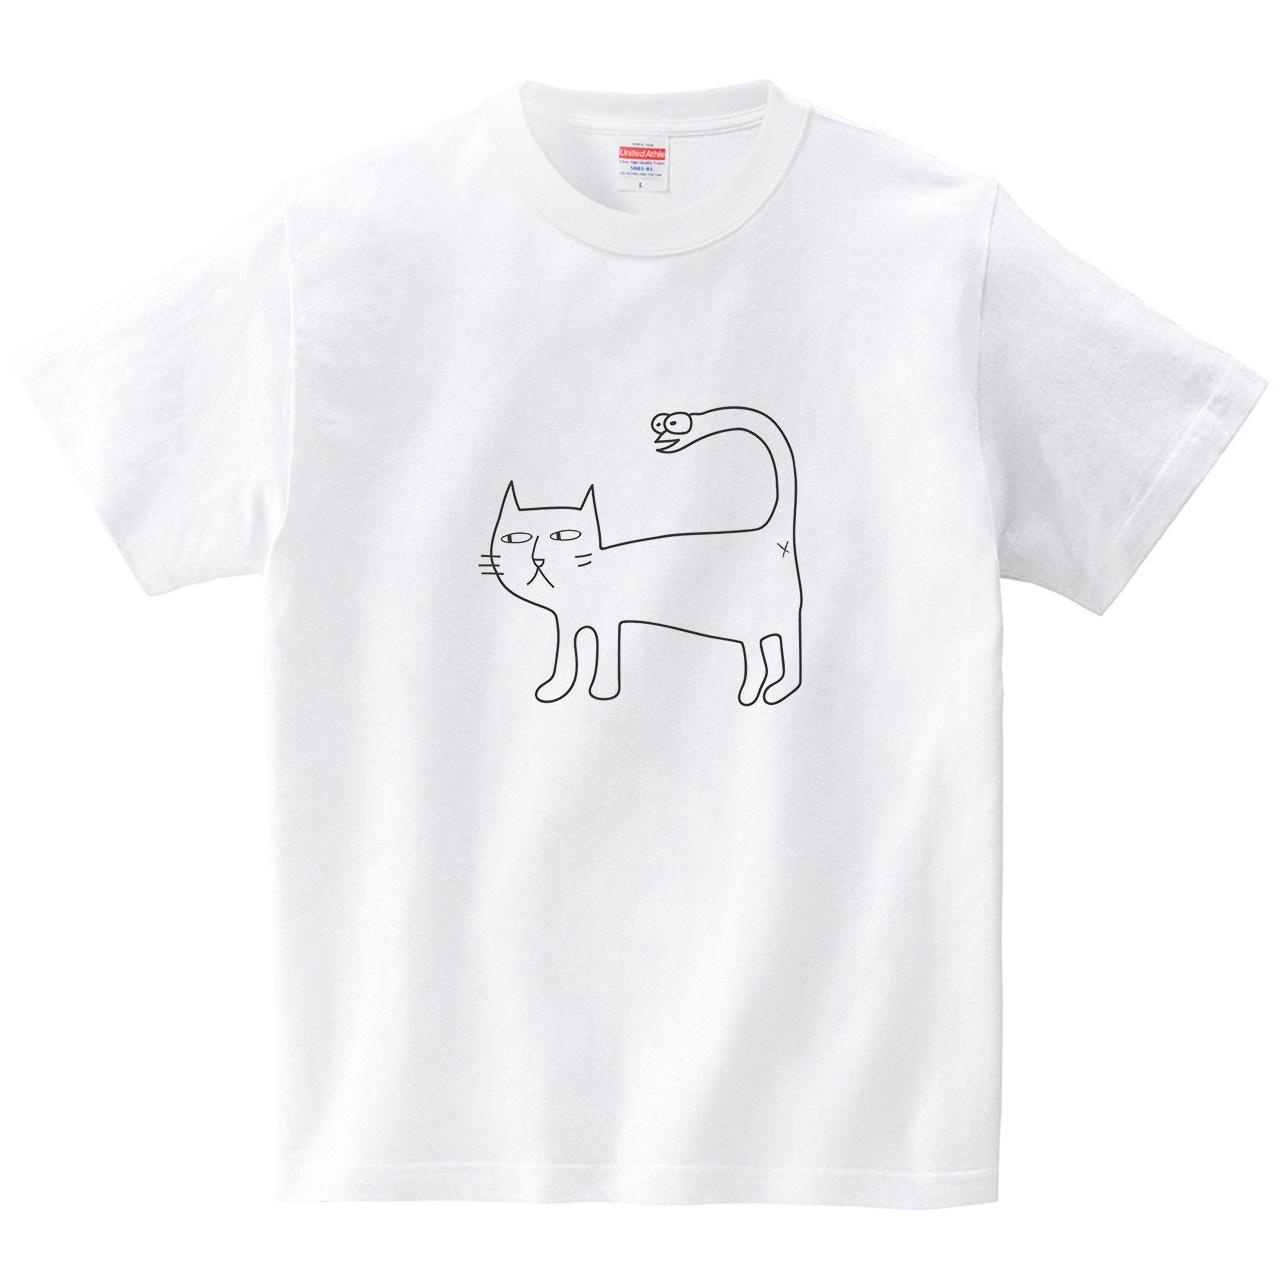 ヘビにゃん(Tシャツ・ホワイト)(CHATON_CATON_T)